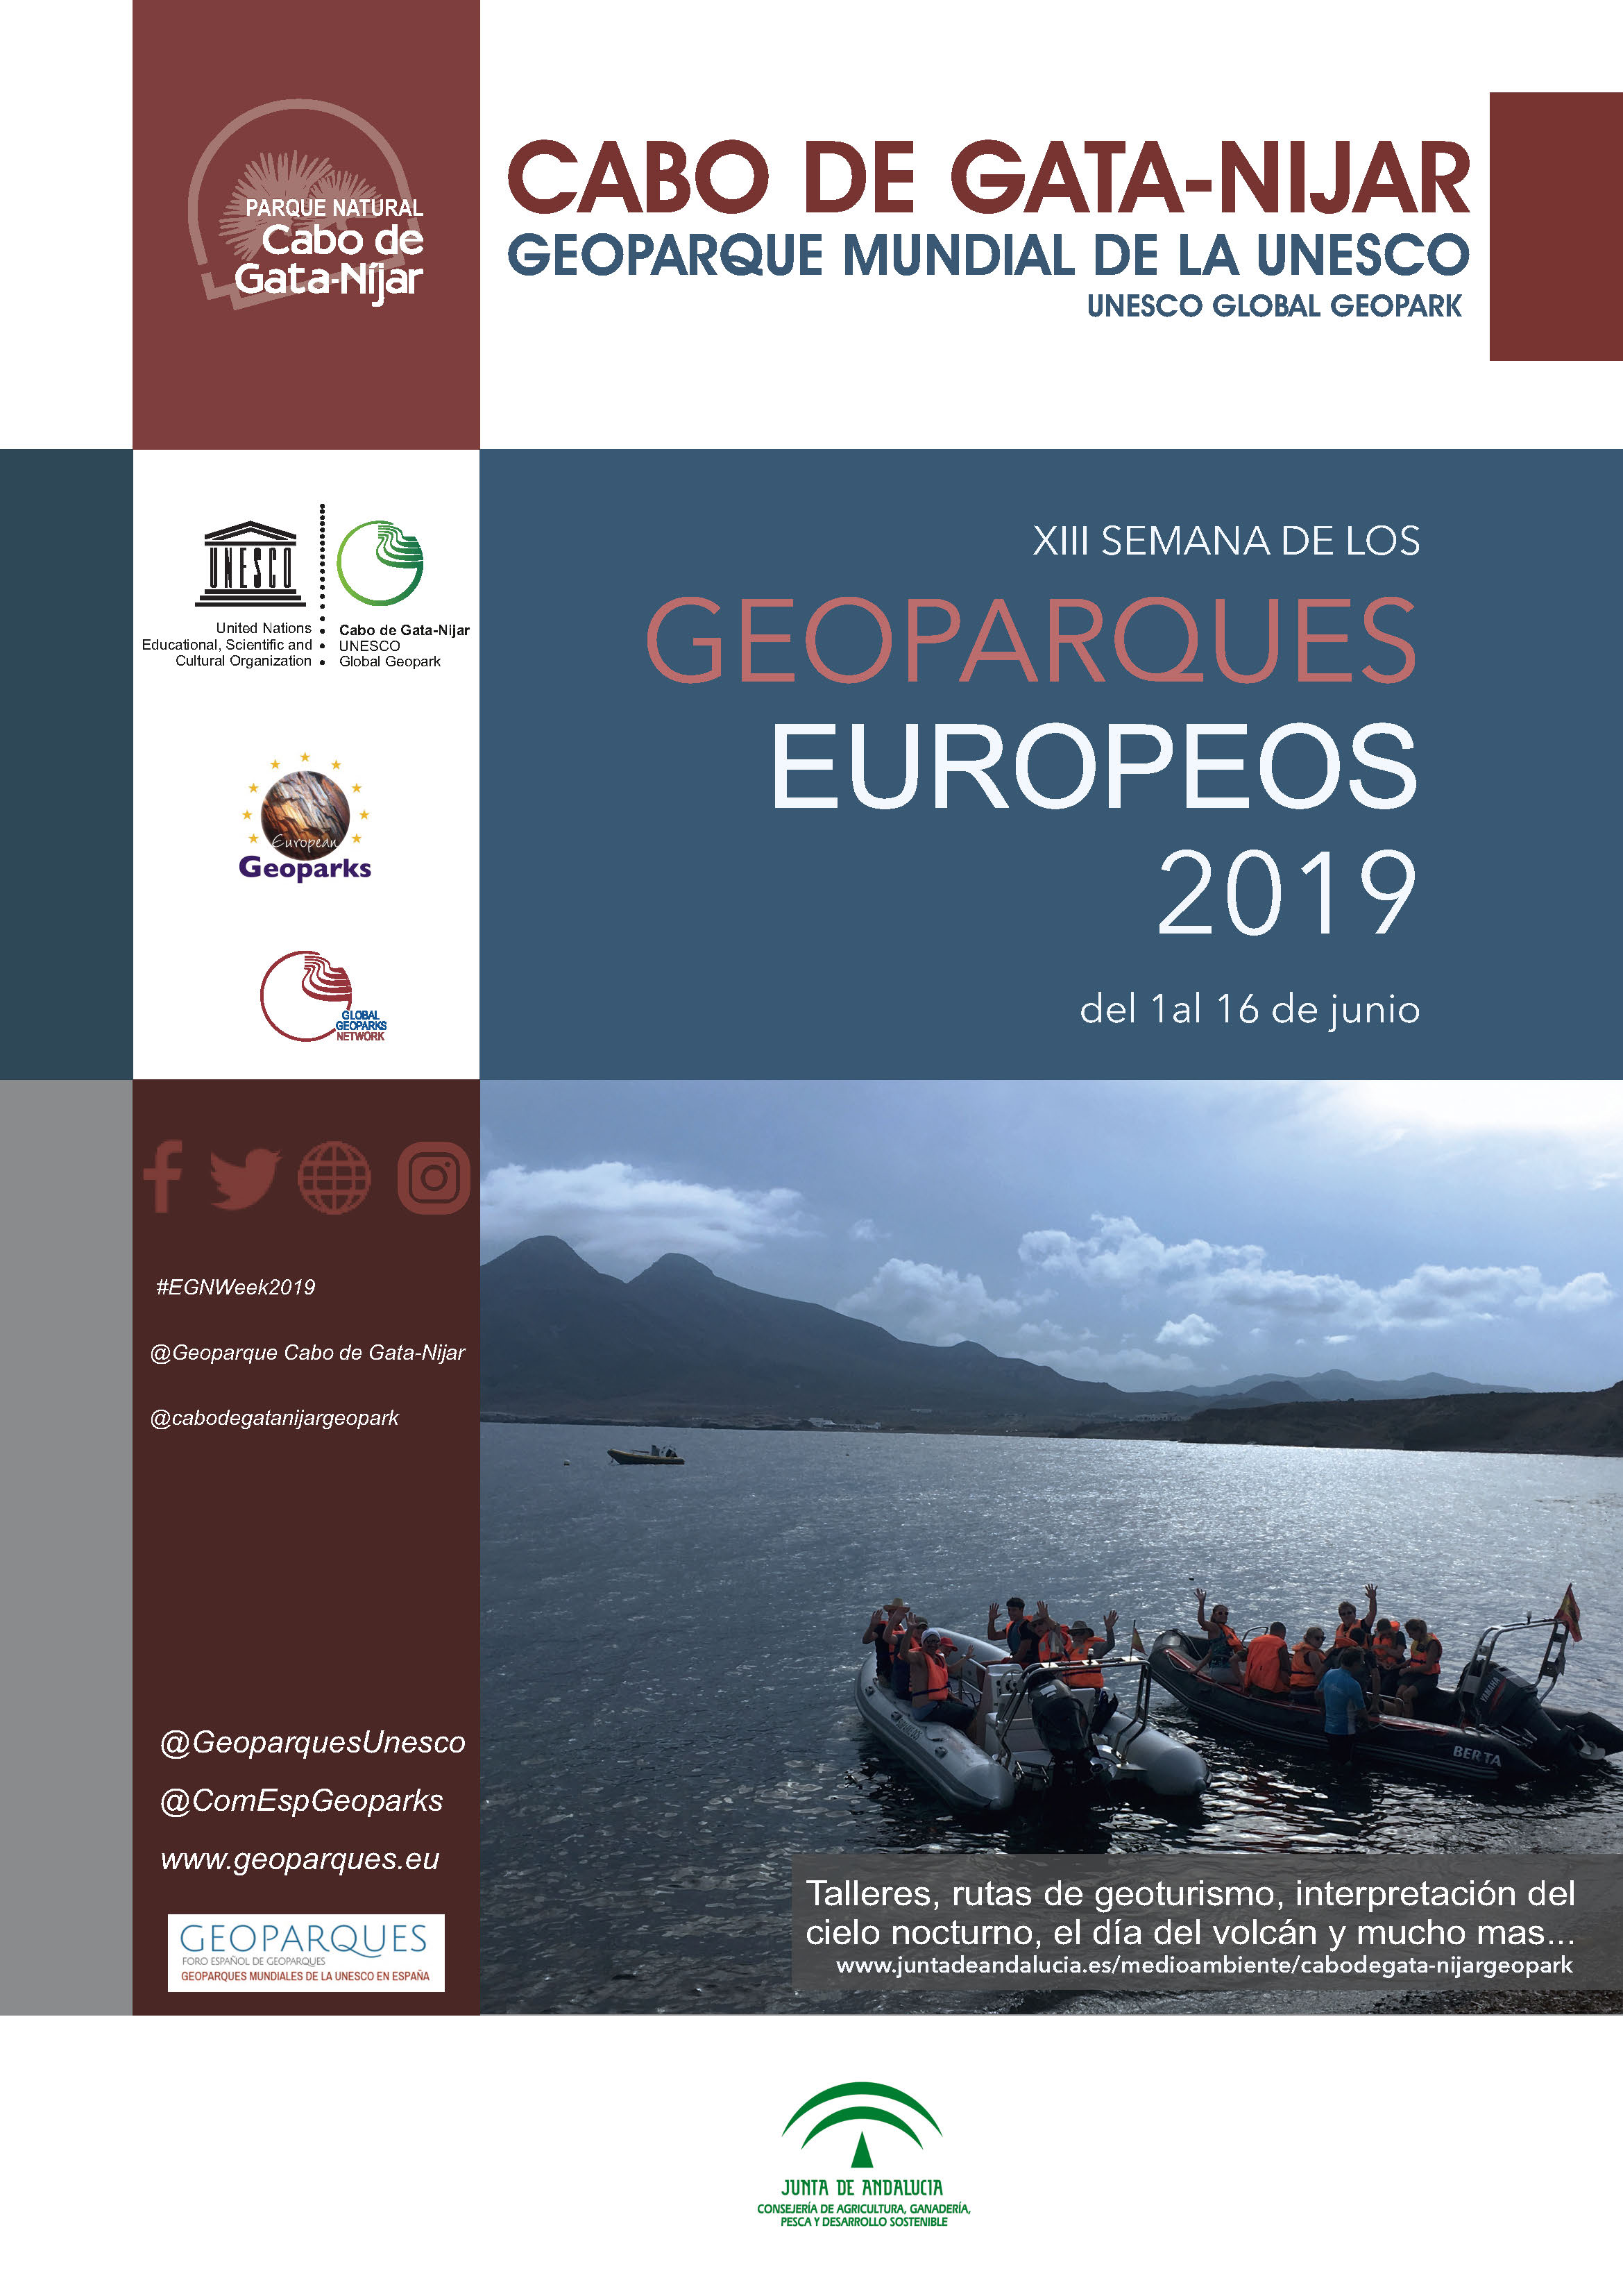 Cartel de la XIII Semana de los Geoparques Europeos 2019. Cabo de Gata-Níjar